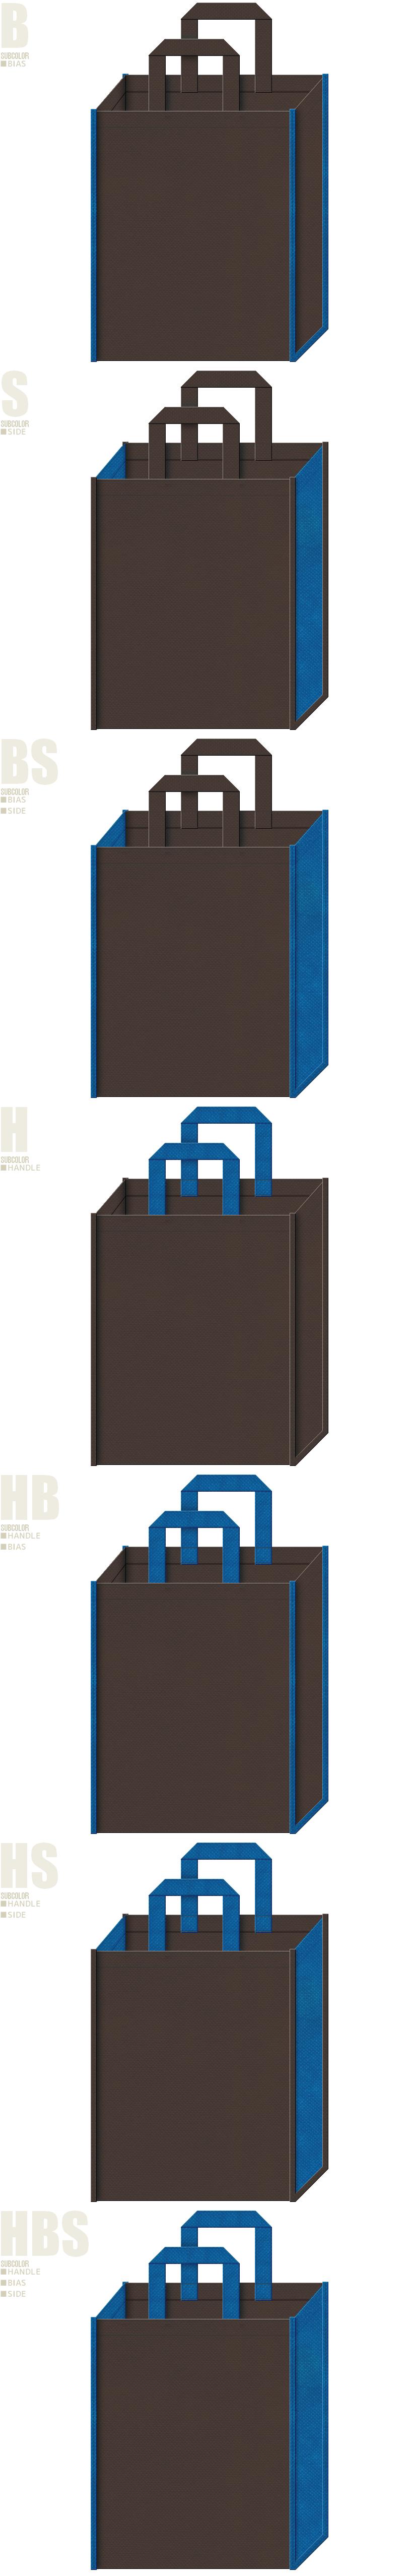 こげ茶色と青色、7パターンの不織布トートバッグ配色デザイン例。父の日ギフト用のショッピングバッグにお奨めです。